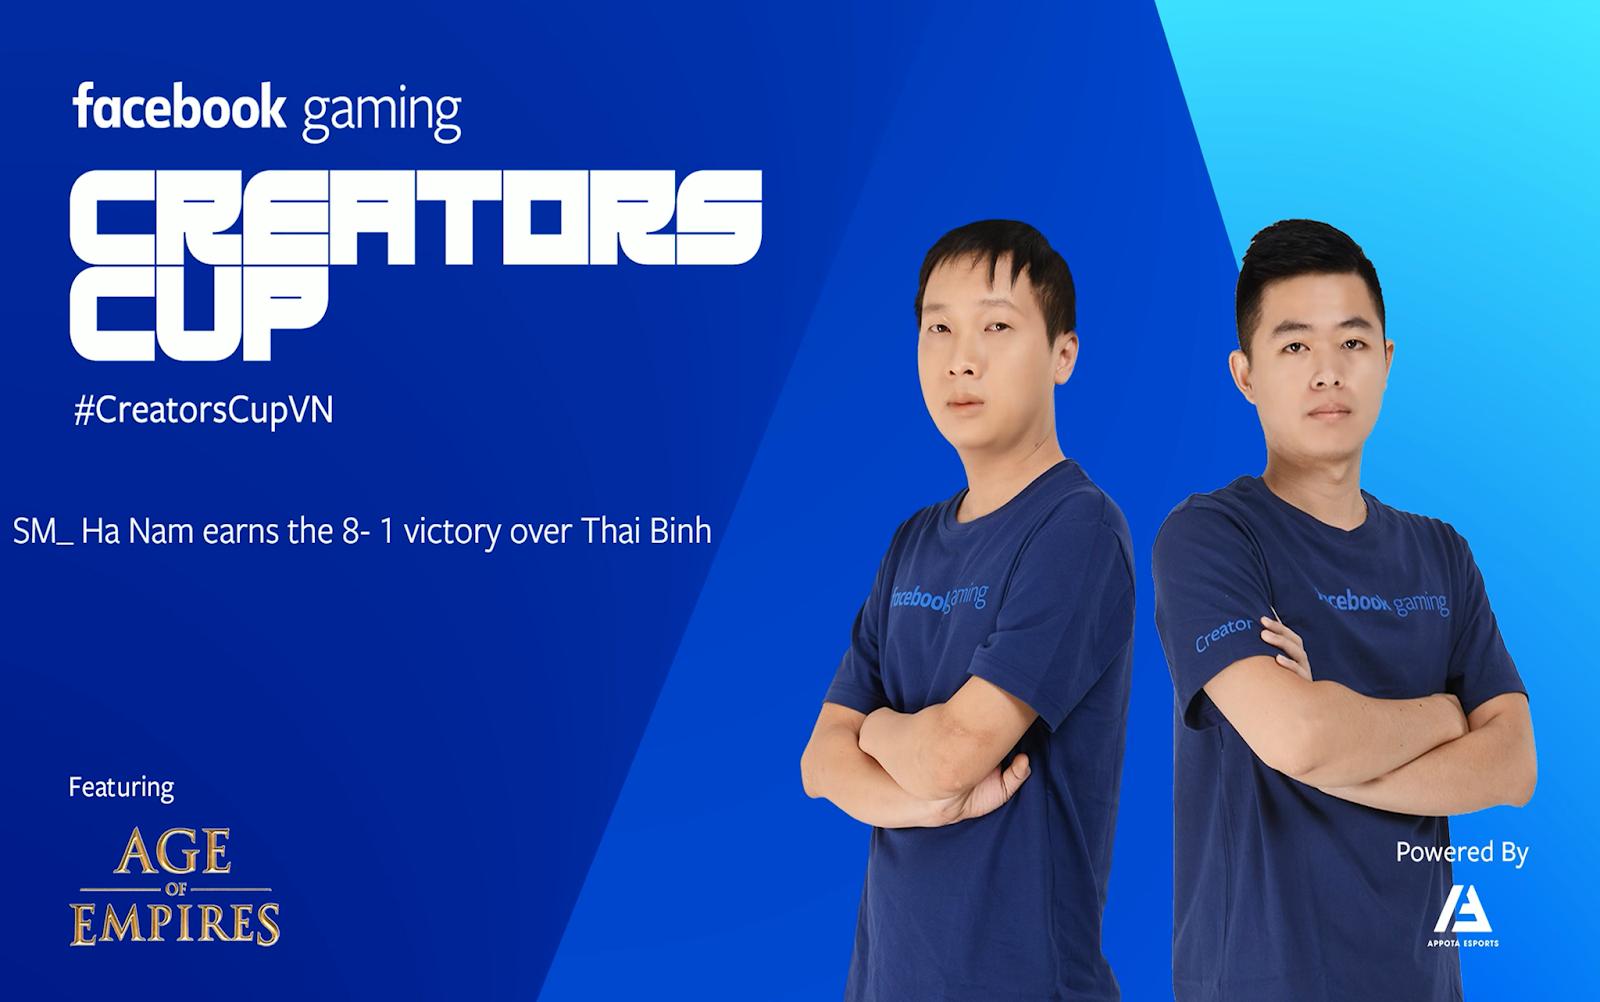 Vòng 6 giải đấu AoE Facebook Gaming Creators Cup 2019: Thái Bình suy yếu, Sài Gòn new thi đấu dưới phong độ